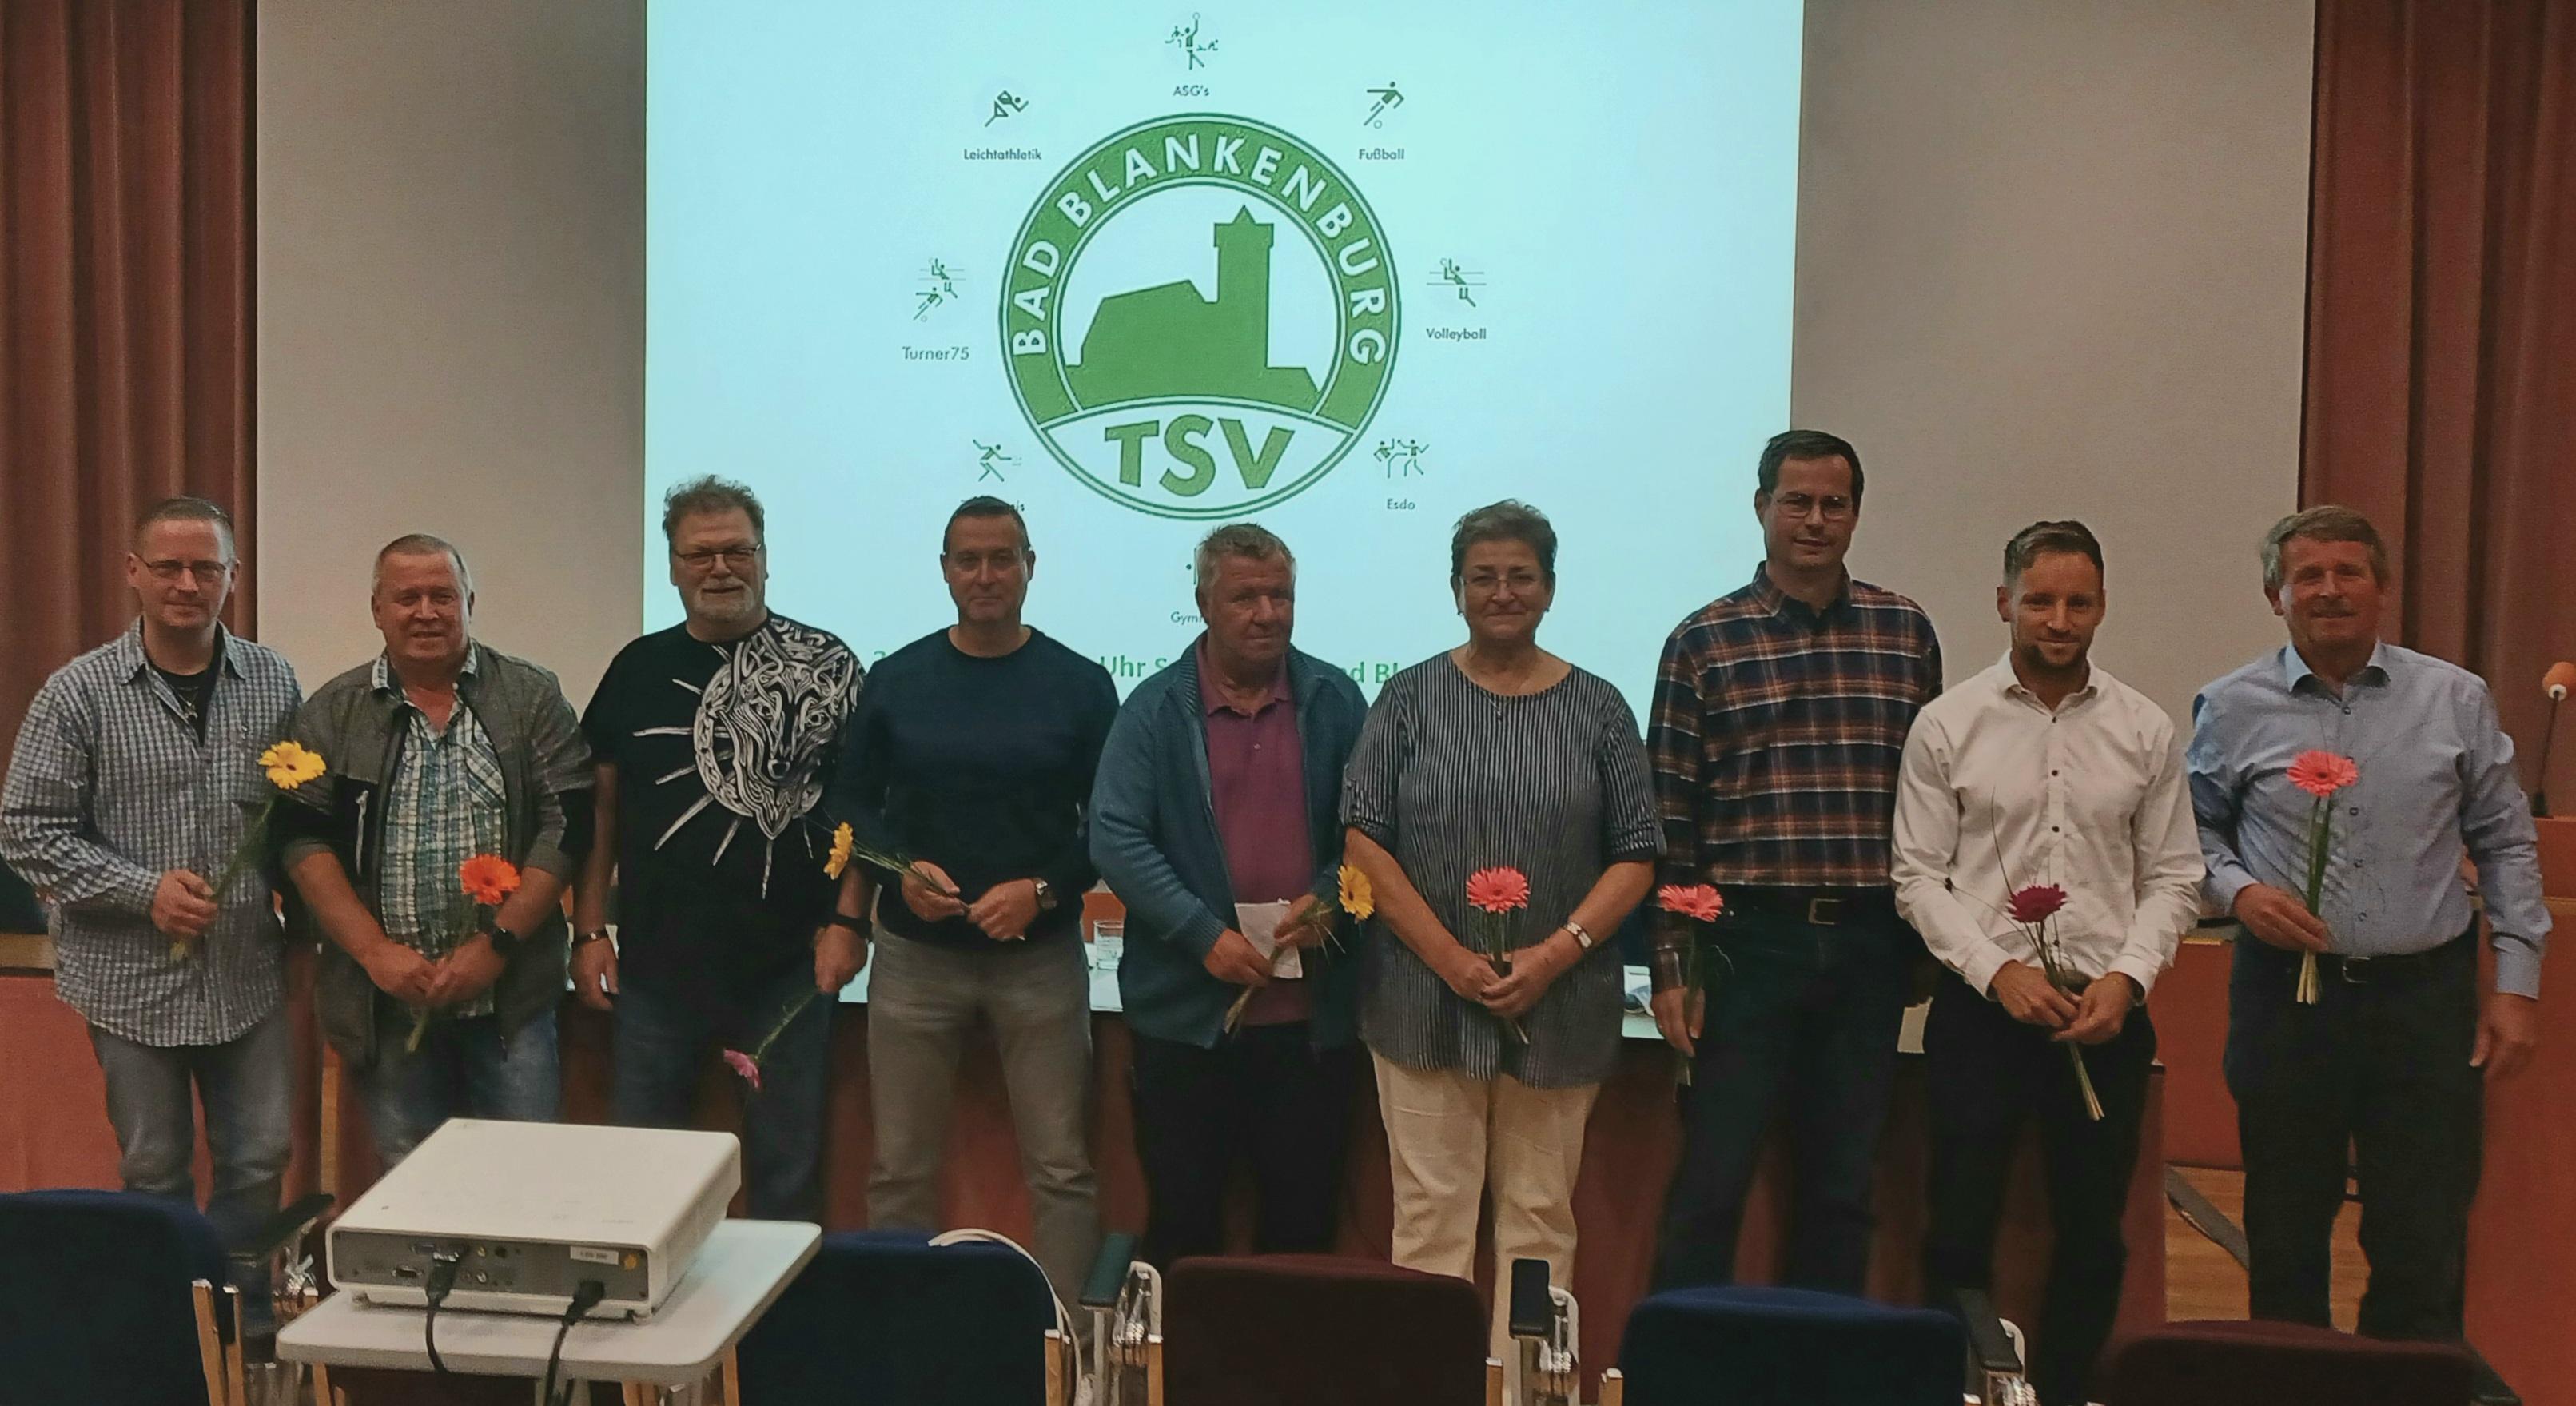 TSV-Vorstand (Bild:TSV Bad Blankenburg)